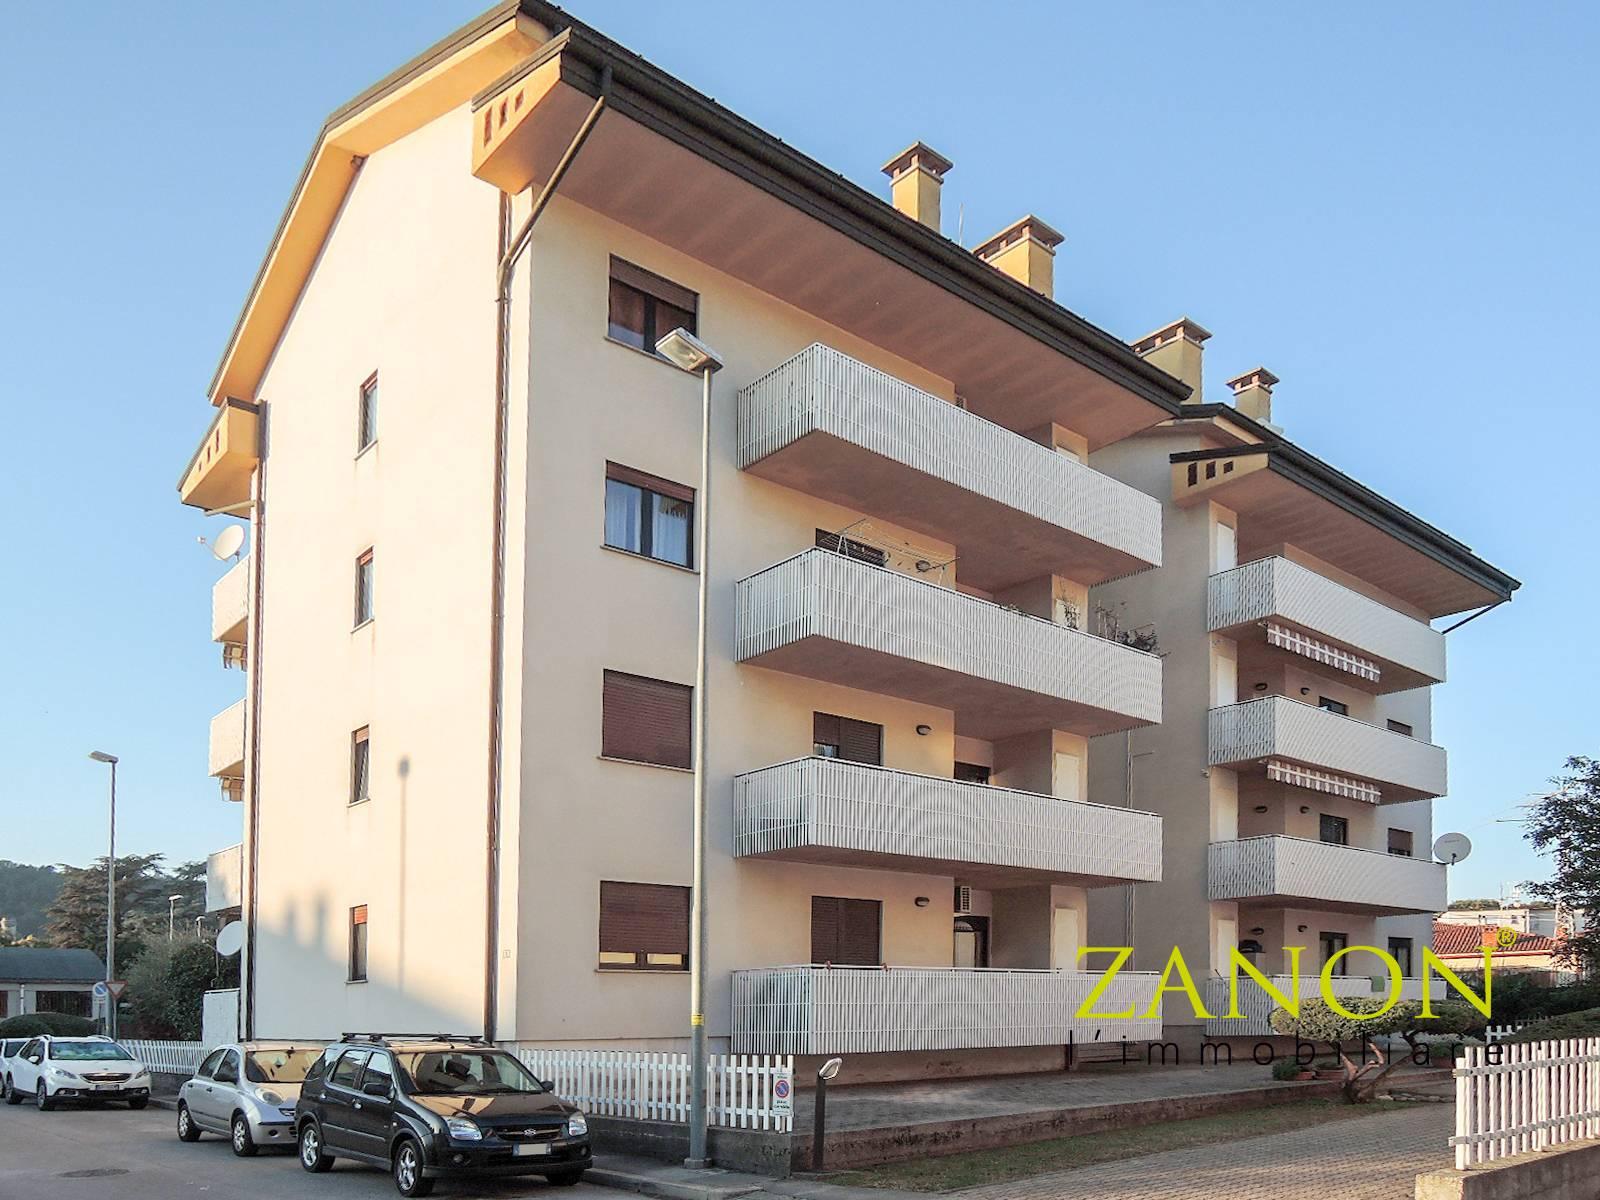 Appartamento in vendita a Gorizia, 7 locali, zona centro, prezzo € 153.000   PortaleAgenzieImmobiliari.it